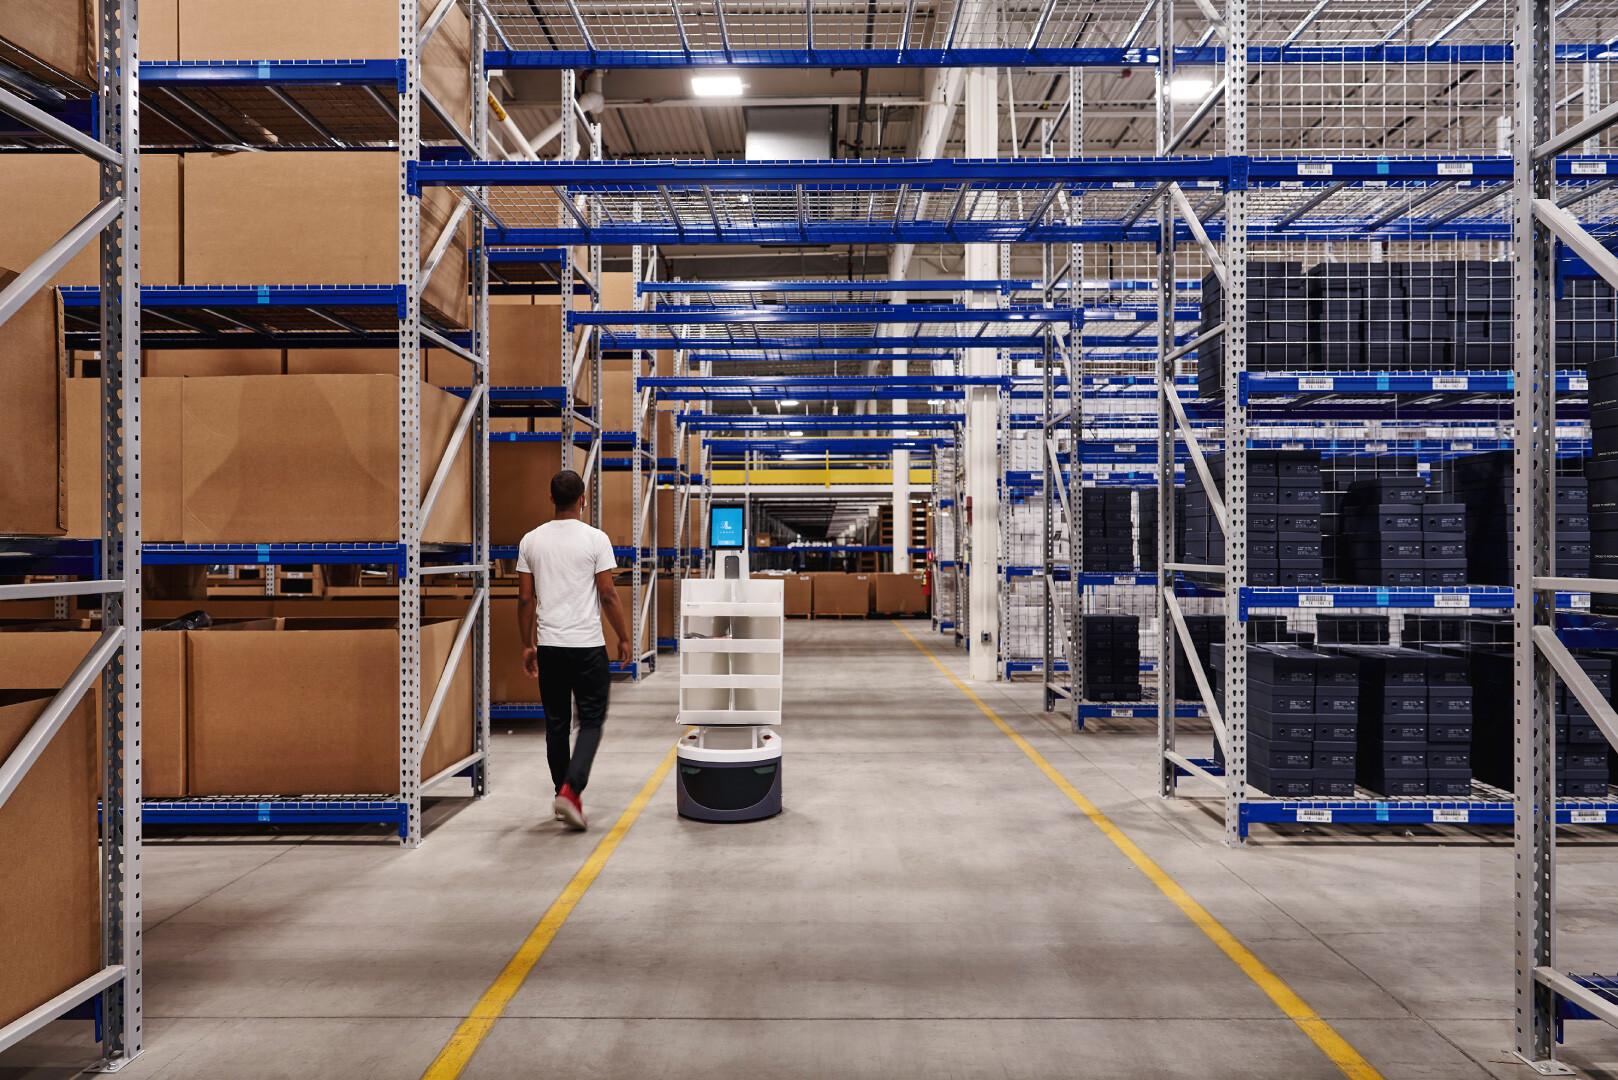 automatización-de-almacenes-la-robótica-marca-la-diferencia-3-alt